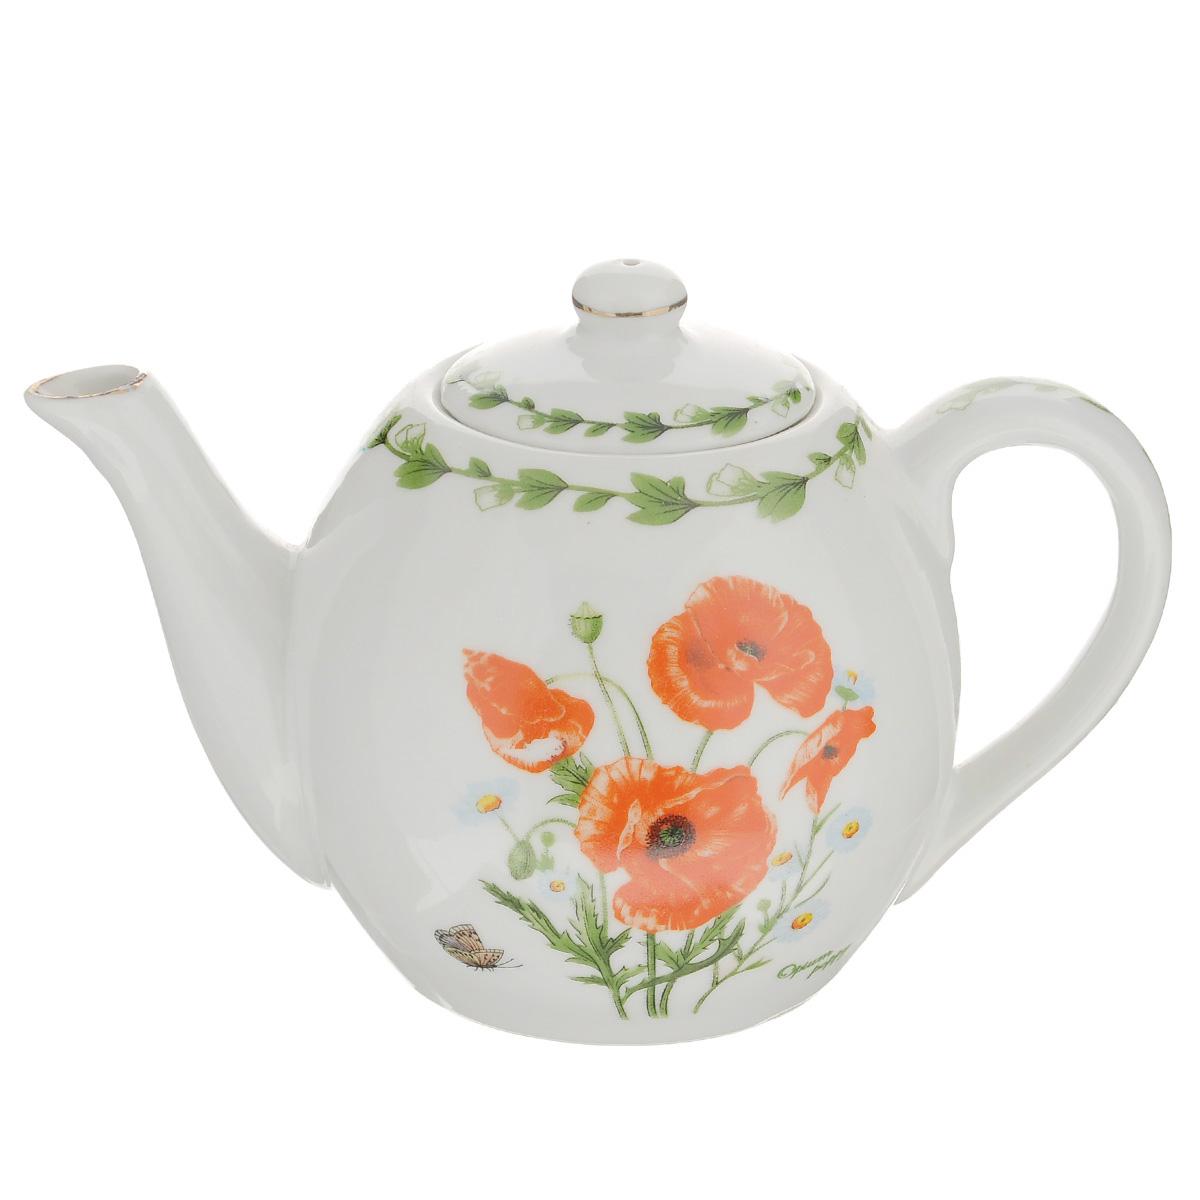 Чайник заварочный Briswild Маки на поляне, 650 мл543-290Заварочный чайник Briswild Маки на поляне изготовлен из высококачественного фарфора и покрыт слоем сверкающей глазури. Посуда оформлена красочным изображением красных маков. Такой чайник прекрасно дополнит сервировку стола к чаепитию и станет его неизменным атрибутом. Не использовать в микроволновой печи. Объем: 650 мл. Диаметр (по верхнему краю): 7 см. Высота стенки (без учета крышки): 10 см.